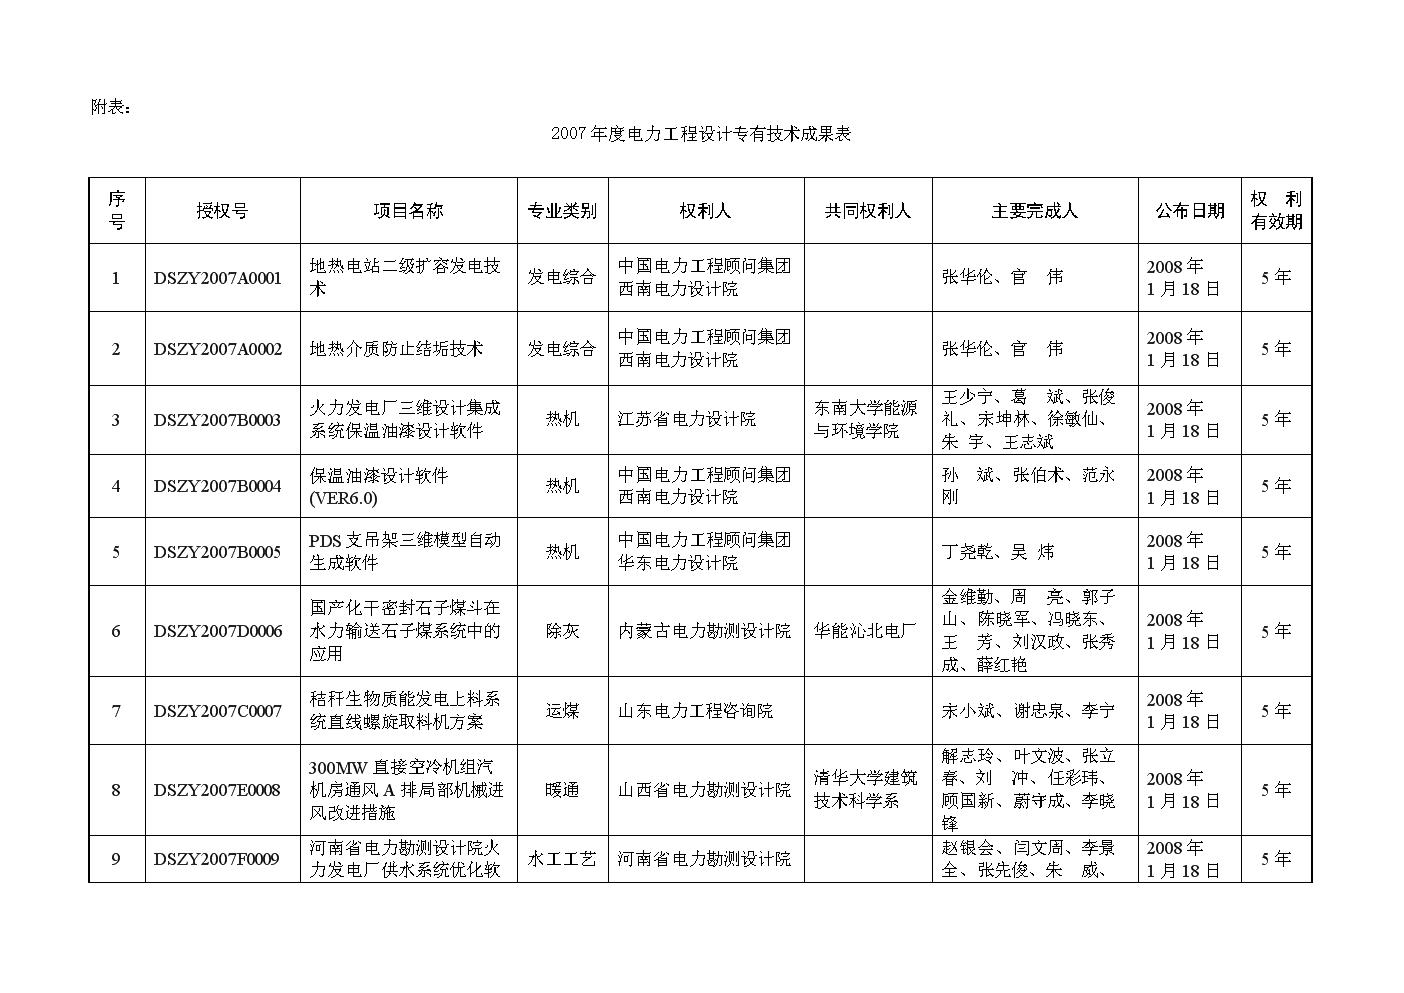 变电电气 安徽省电力设计院   周海鹏,许瑜,杜和颂,黄健,董江戎,张龙